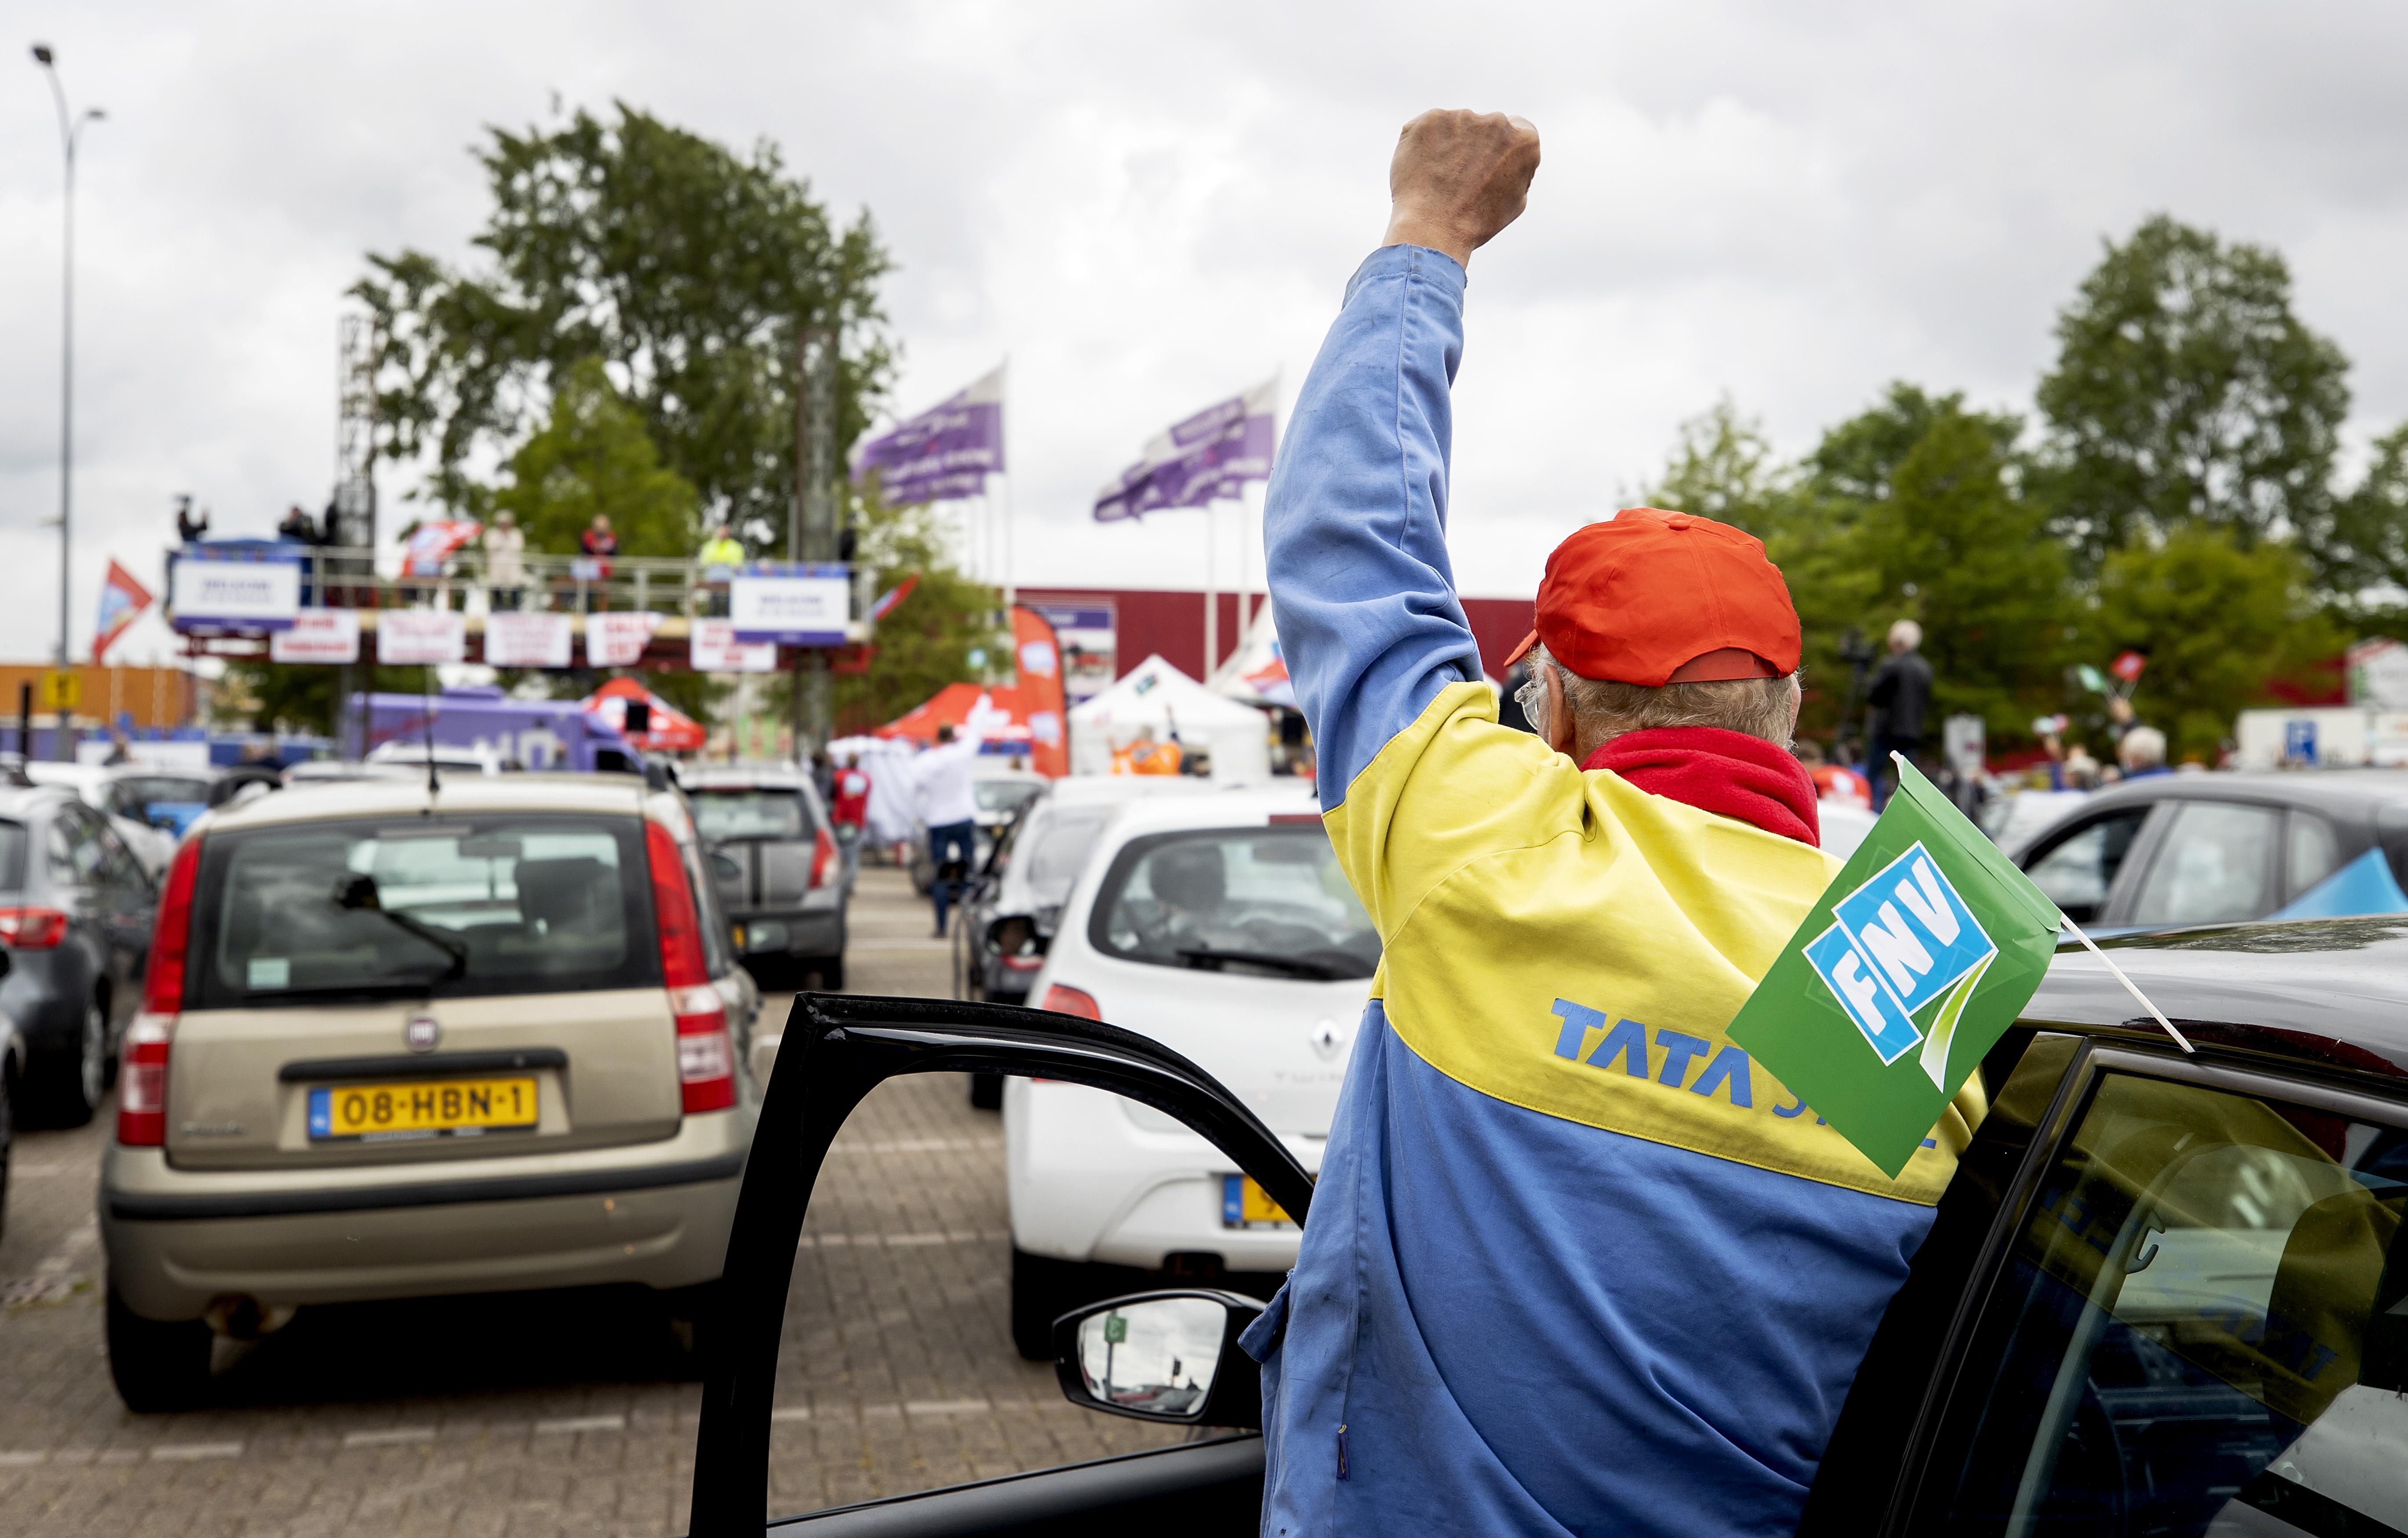 IJmond is bereid tot actie in stakingsconflict Tata Steel: 'Wij, de inwoners van de IJmond, moeten nu laten zien wat Tata Steel ons waard is'